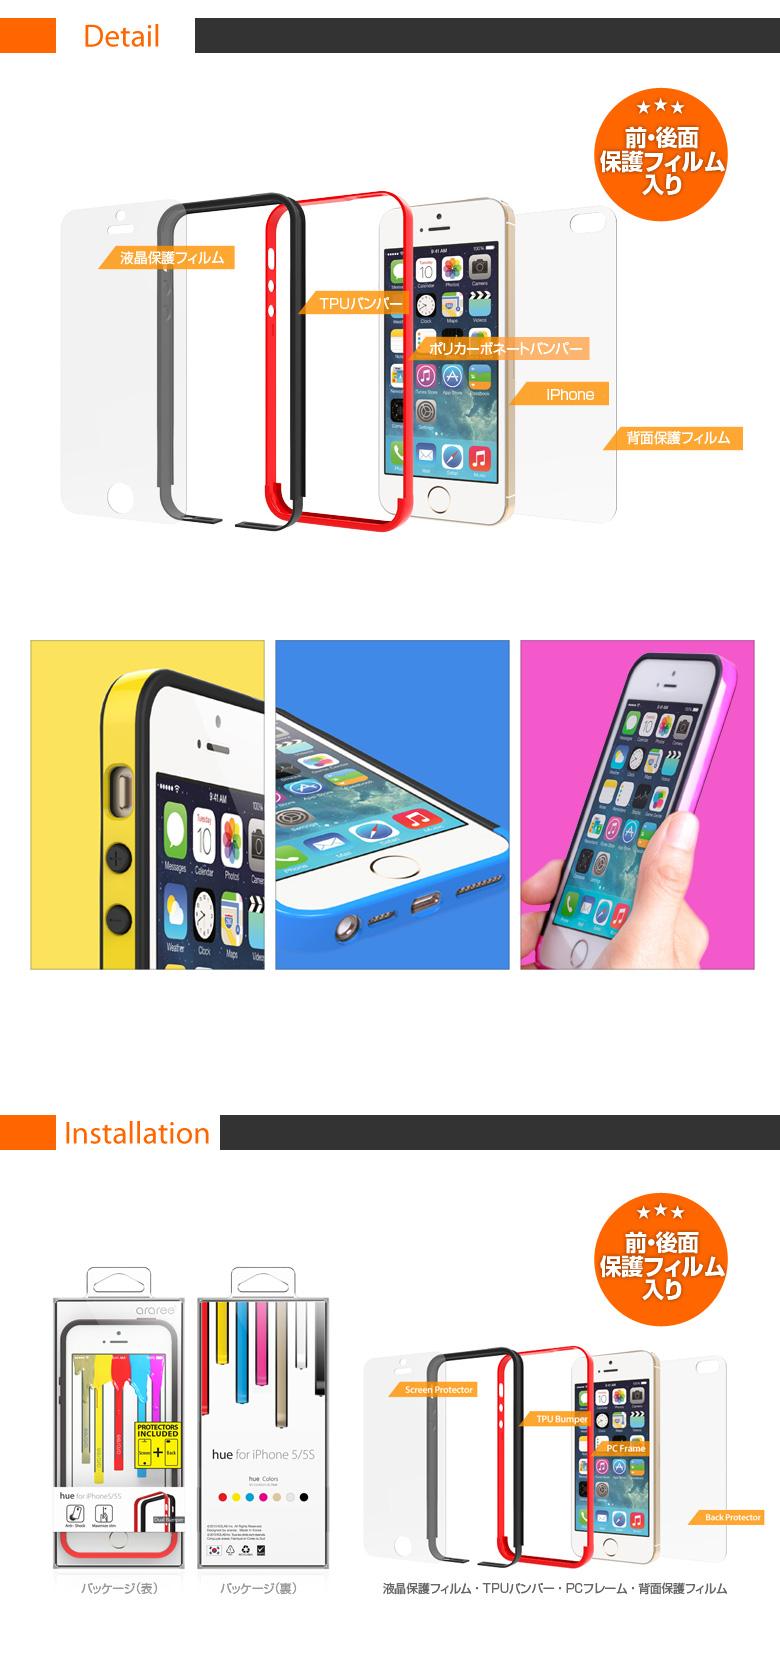 商品詳細iPhone5/5s ケースHue Bumper (ヒューバンパー )